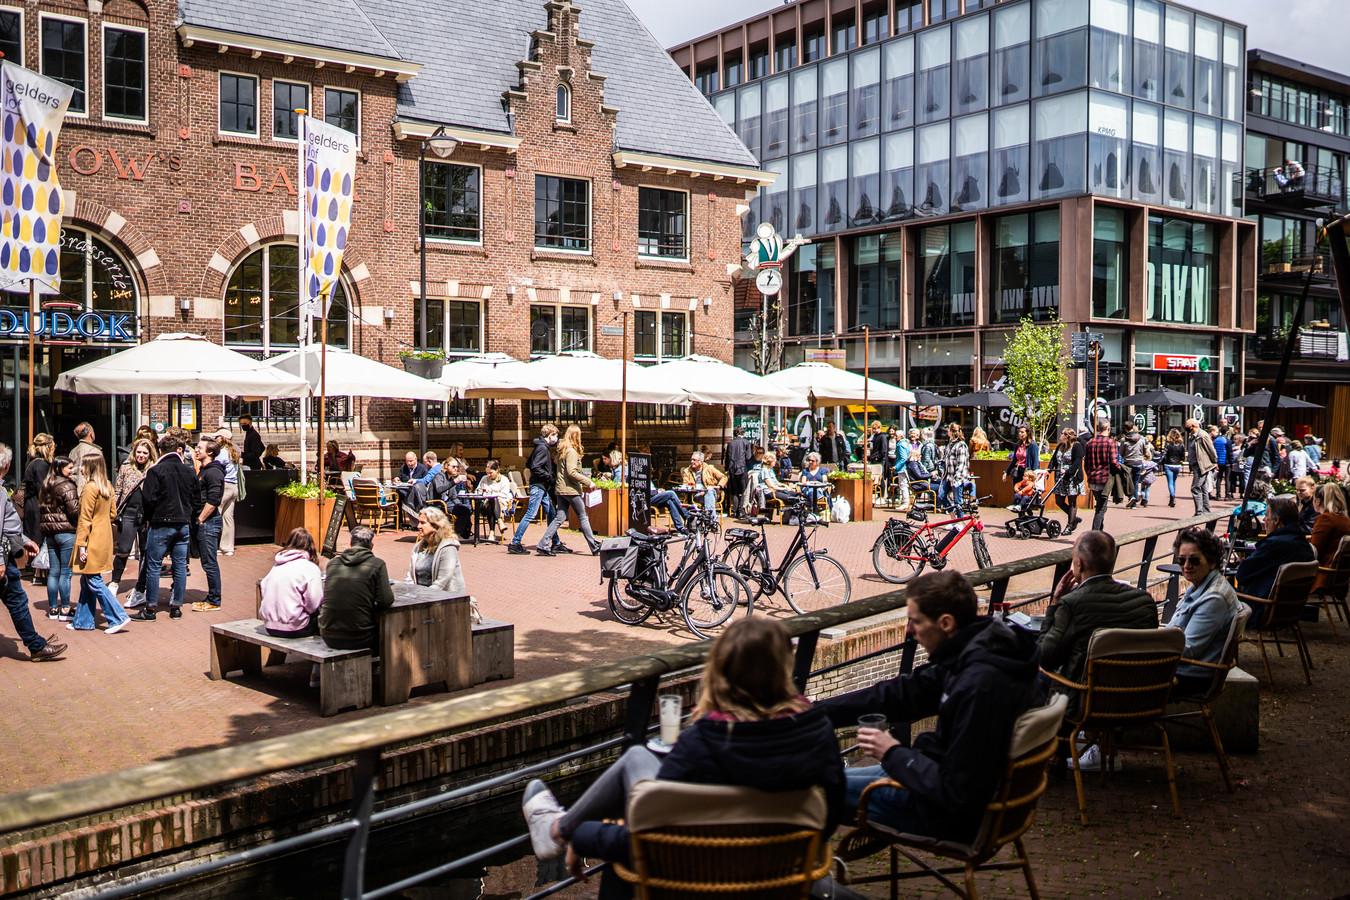 Op het verruimde terras van Dudok aan de Jansbeek genoten veel mensen van een hapje en een drankje in de zon.